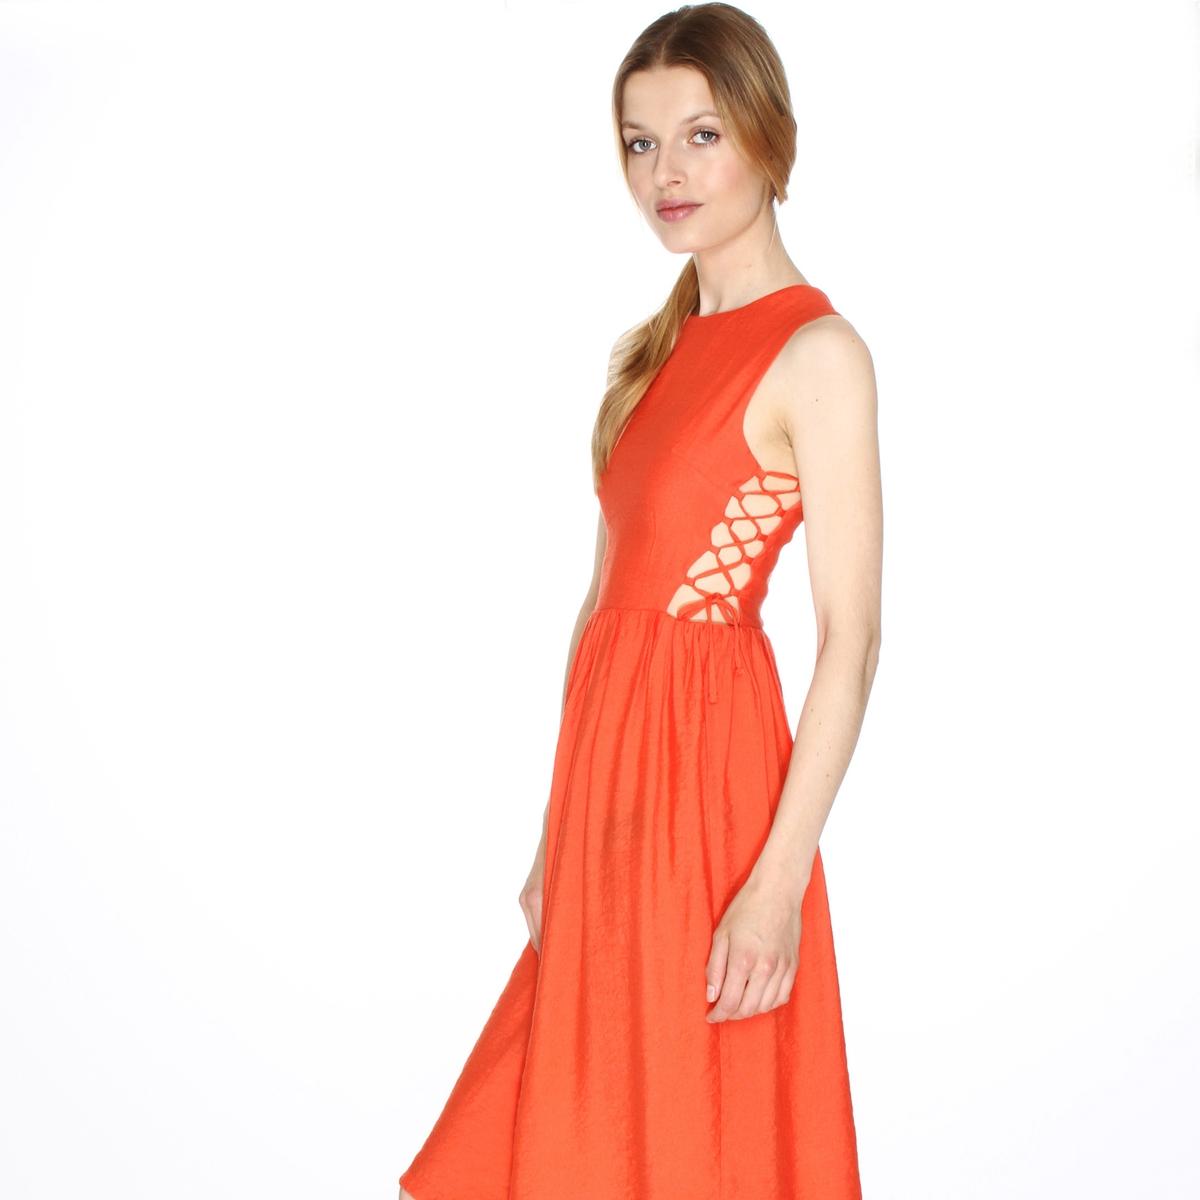 Платье расклешенное без рукавов, на шнуровке сбокуДетали  •  Форма : расклешенная   •  Длина до колен •  Тонкие бретели      •  Круглый вырезСостав и уход •  45% полиамида, 55% полиэстера   •  Следуйте советам по уходу, указанным на этикетке<br><br>Цвет: оранжево-красный